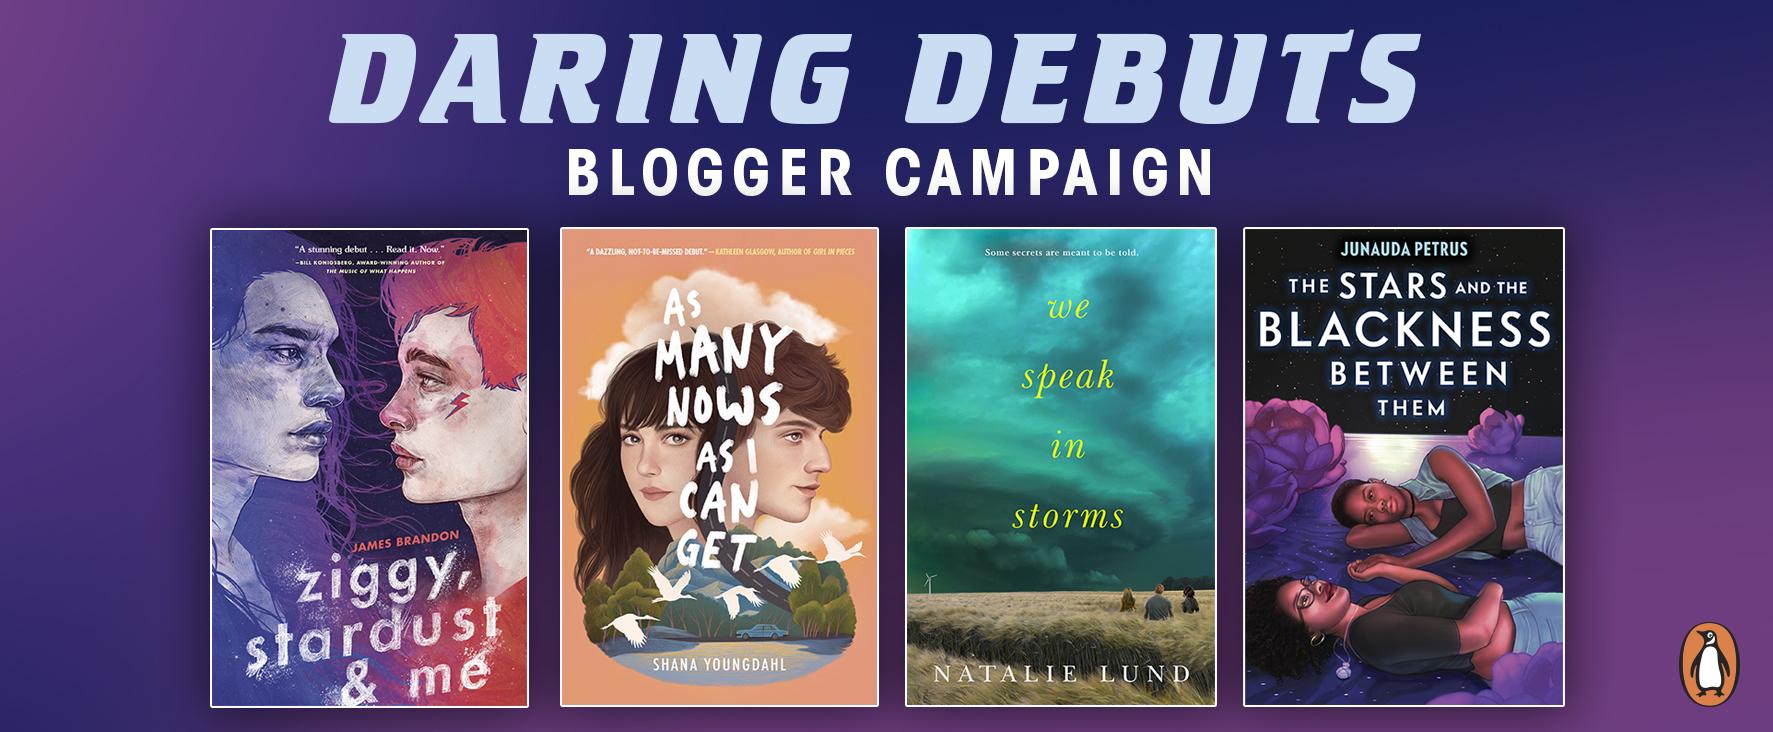 daring debuts blogger campaign